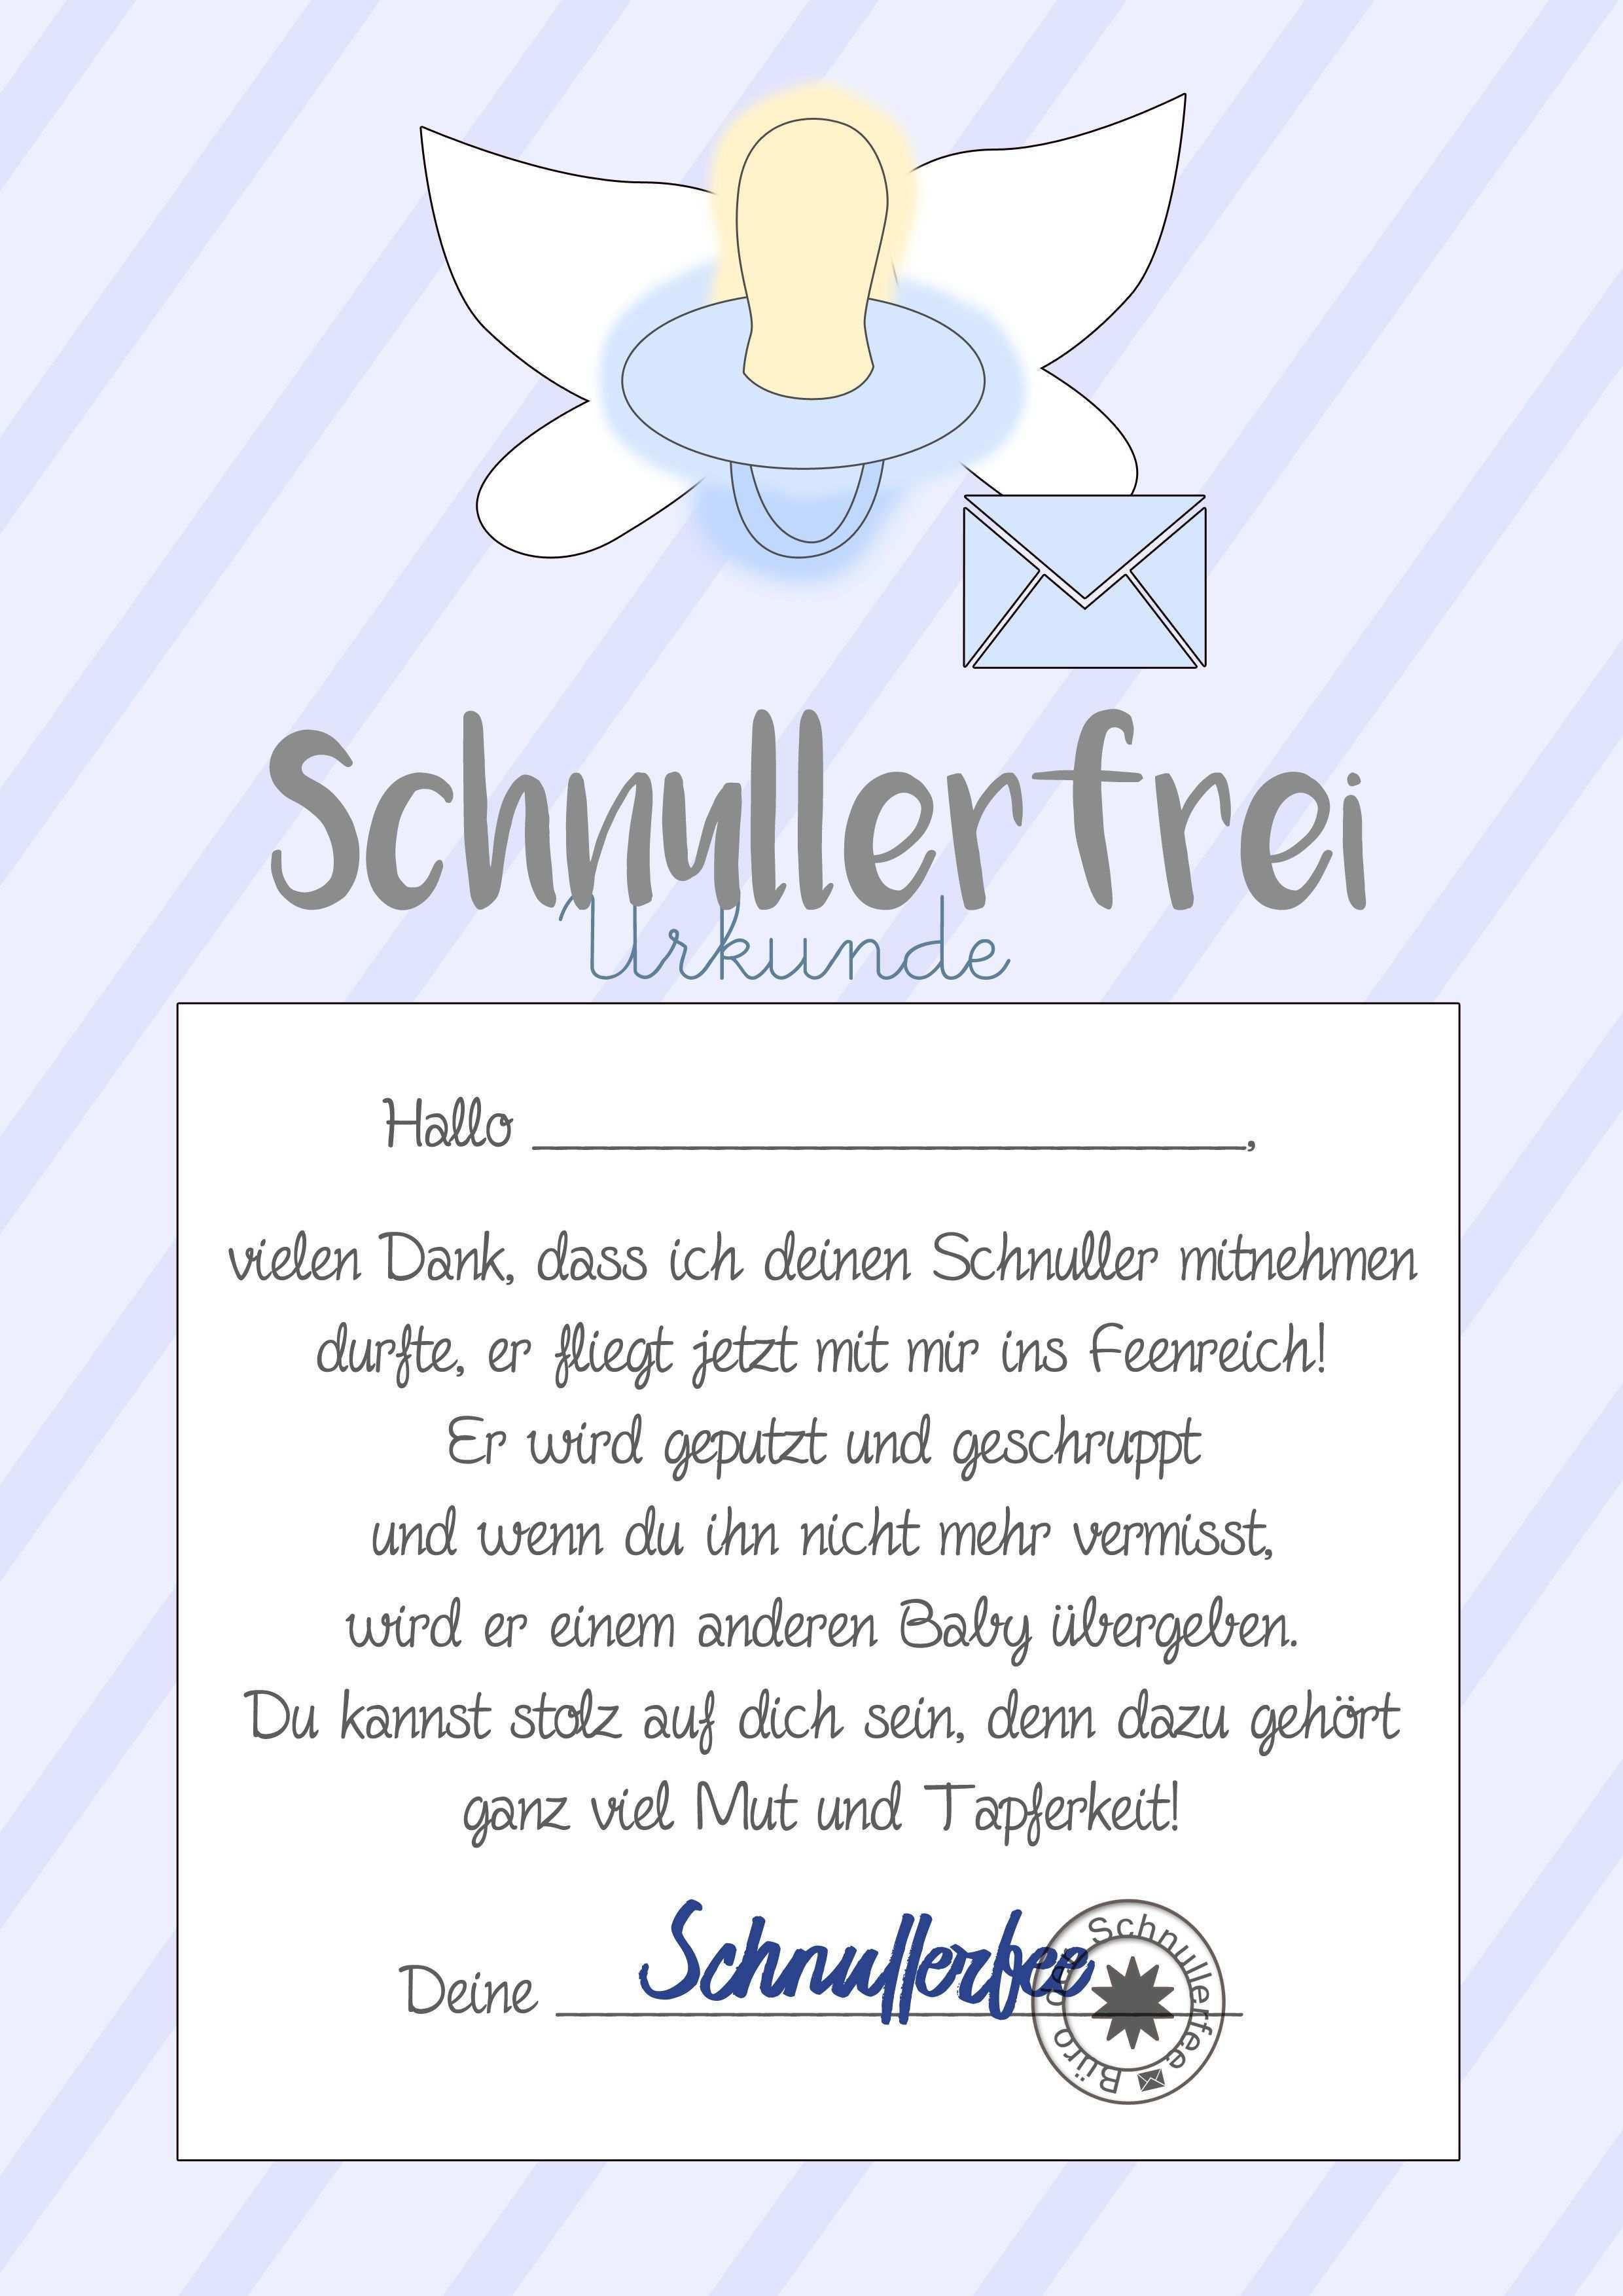 Schnullerfee Brief Vorlage Zum Ausdrucken In 2020 Kindergarten Portfolio Coloring Pages For Kids Kindergarten